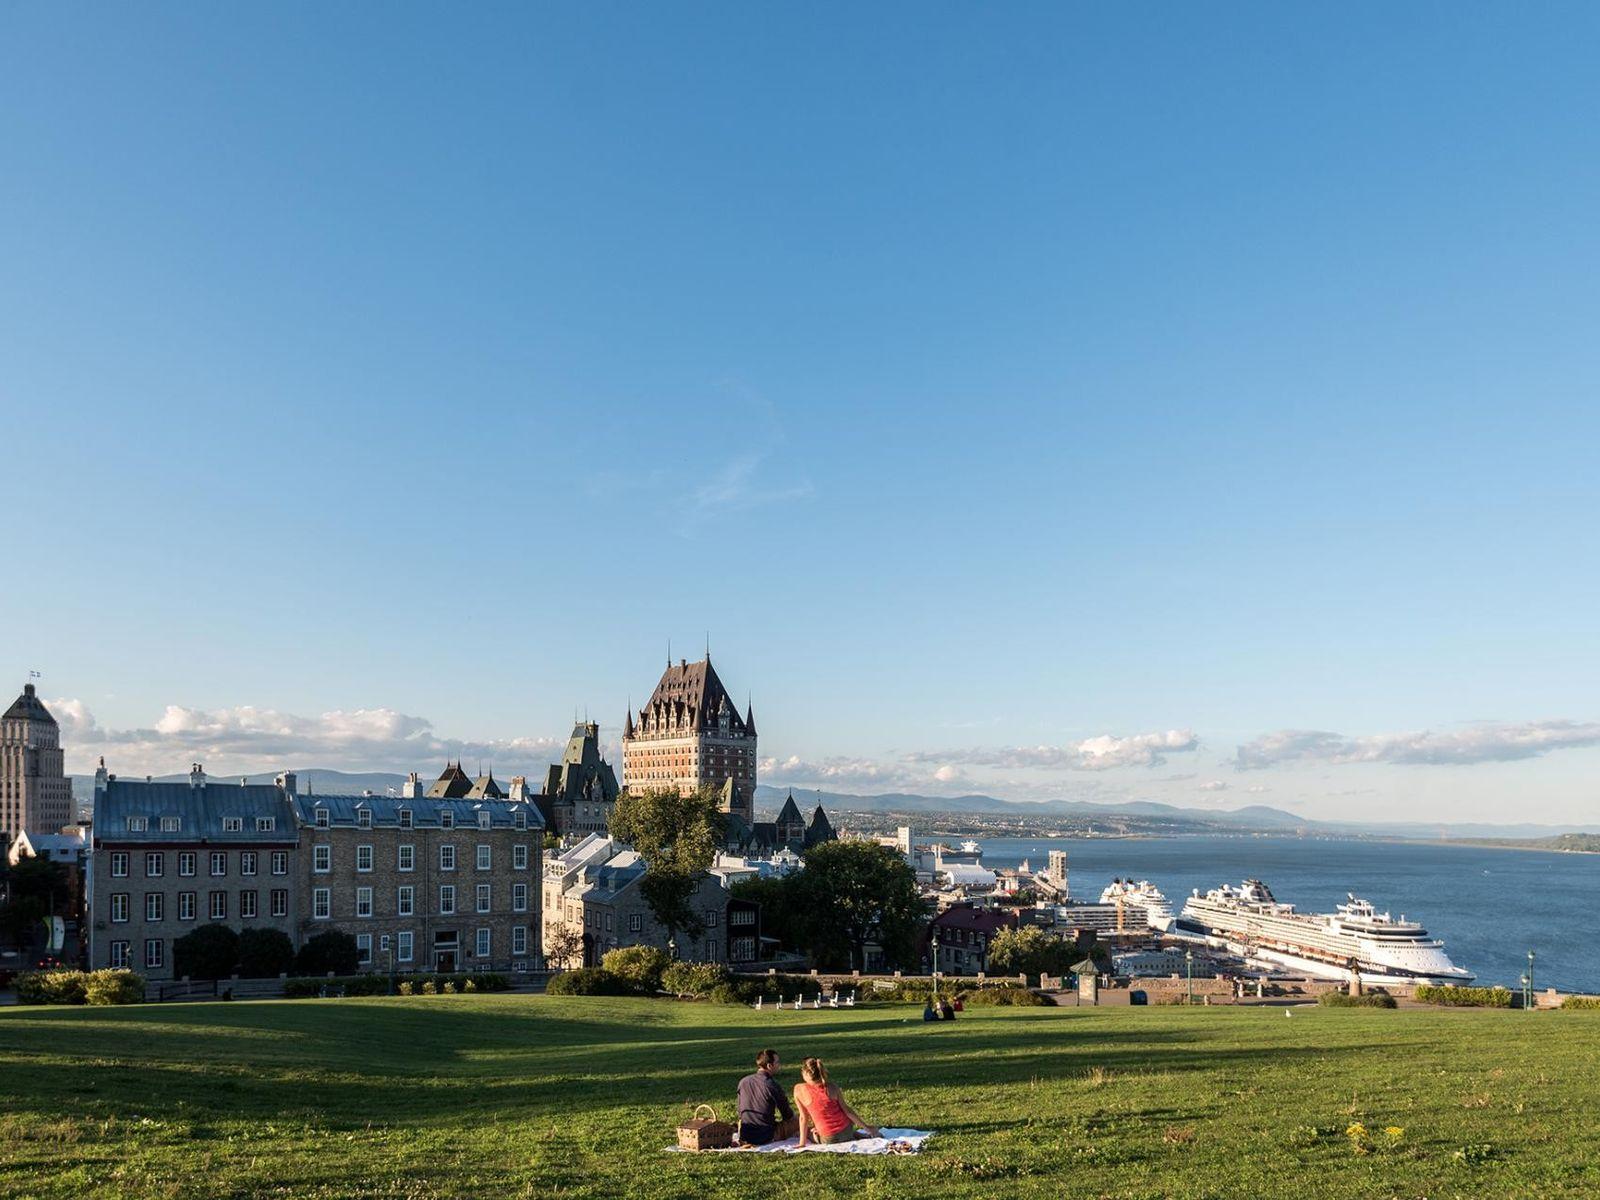 Besucher picknicken gemütlich entlang der Ufer des Sankt-Lorenz-Stroms.